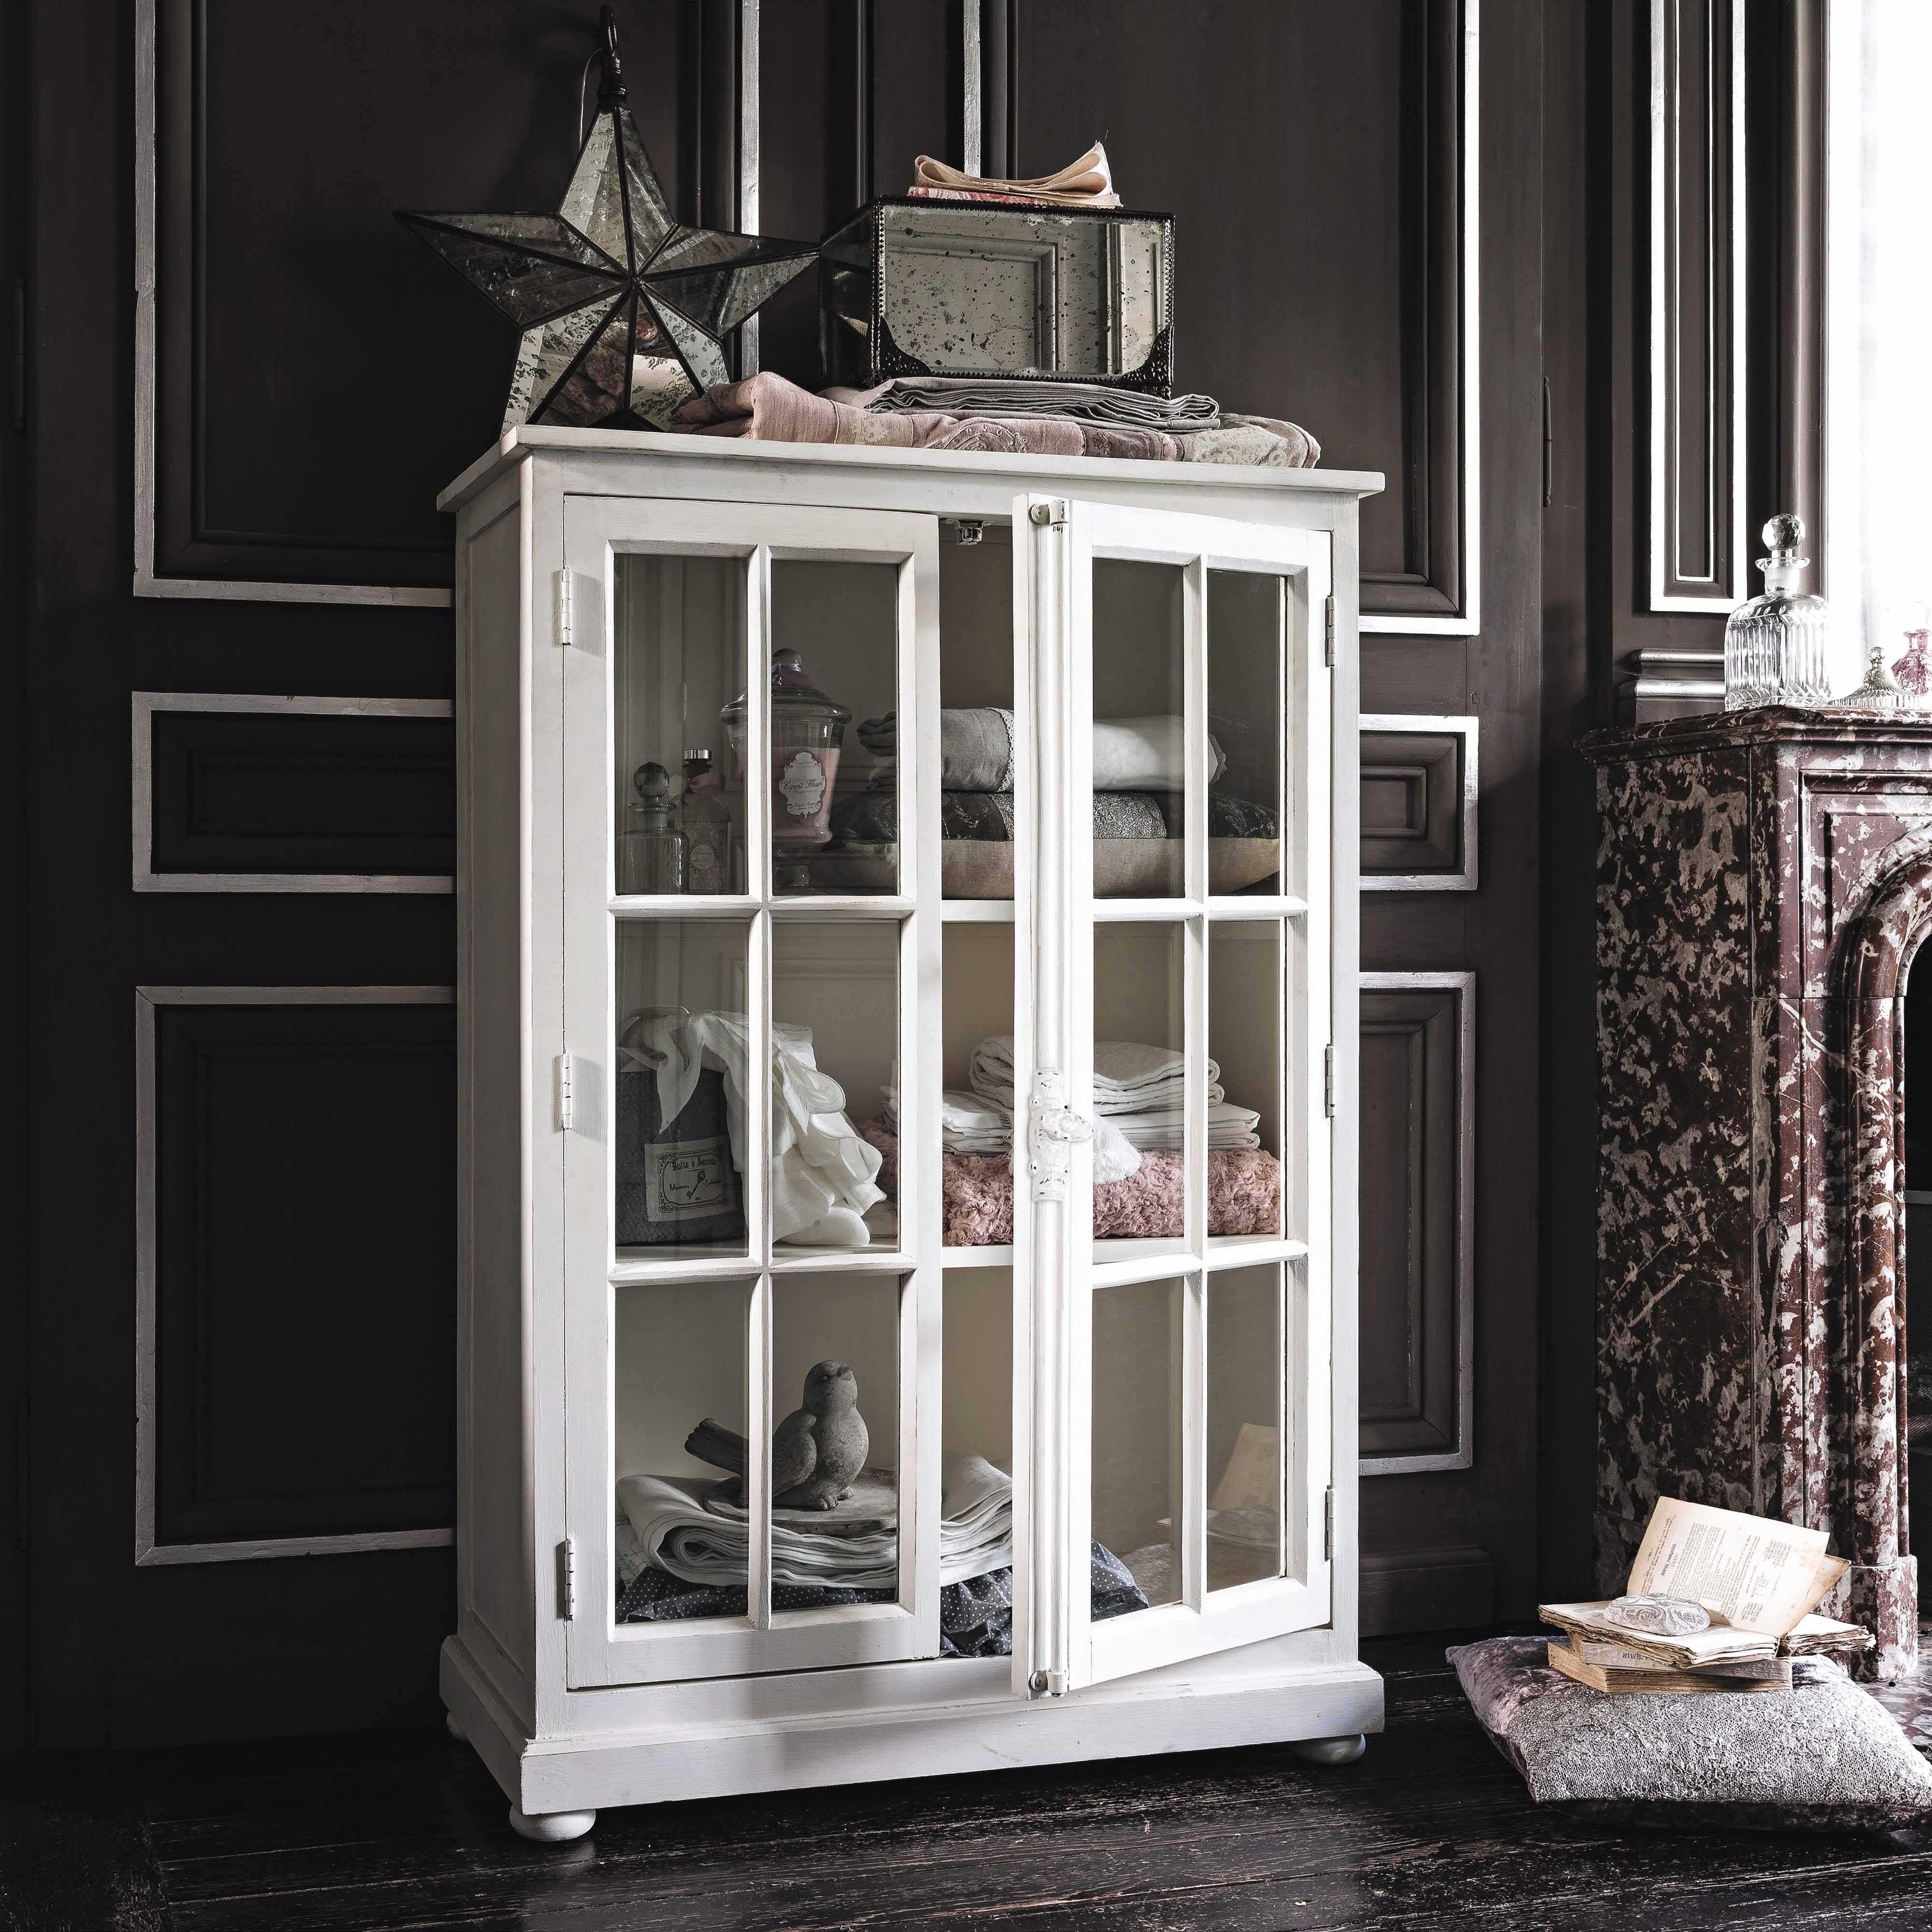 vitrine en manguier blanc cass l 87 cm castille maisons du monde classic chic pinterest. Black Bedroom Furniture Sets. Home Design Ideas